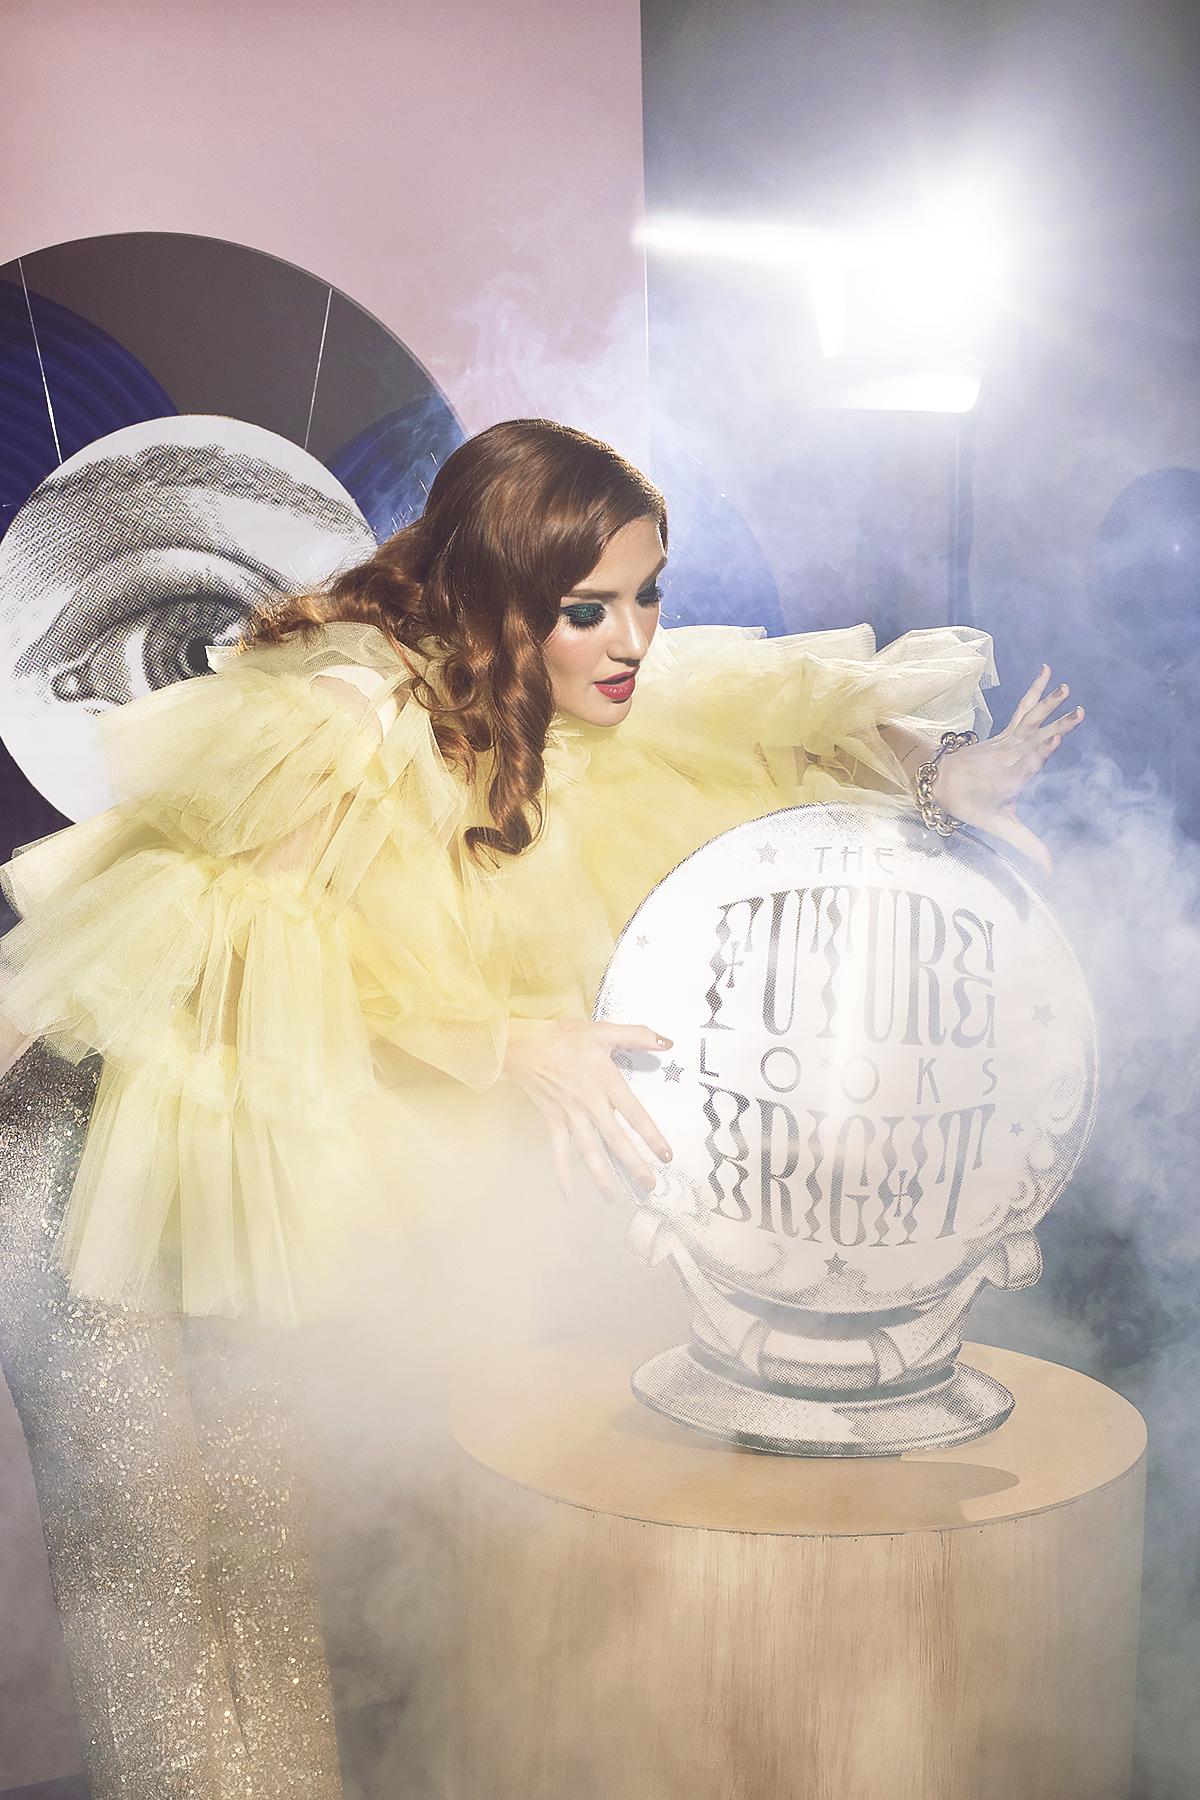 festa de aniversario tema astrologia WALTER MERCADO show de mágica para festa festa circo rosa luxo abracadabra painel balao 260 EDITORIAL 9 anos blog do math